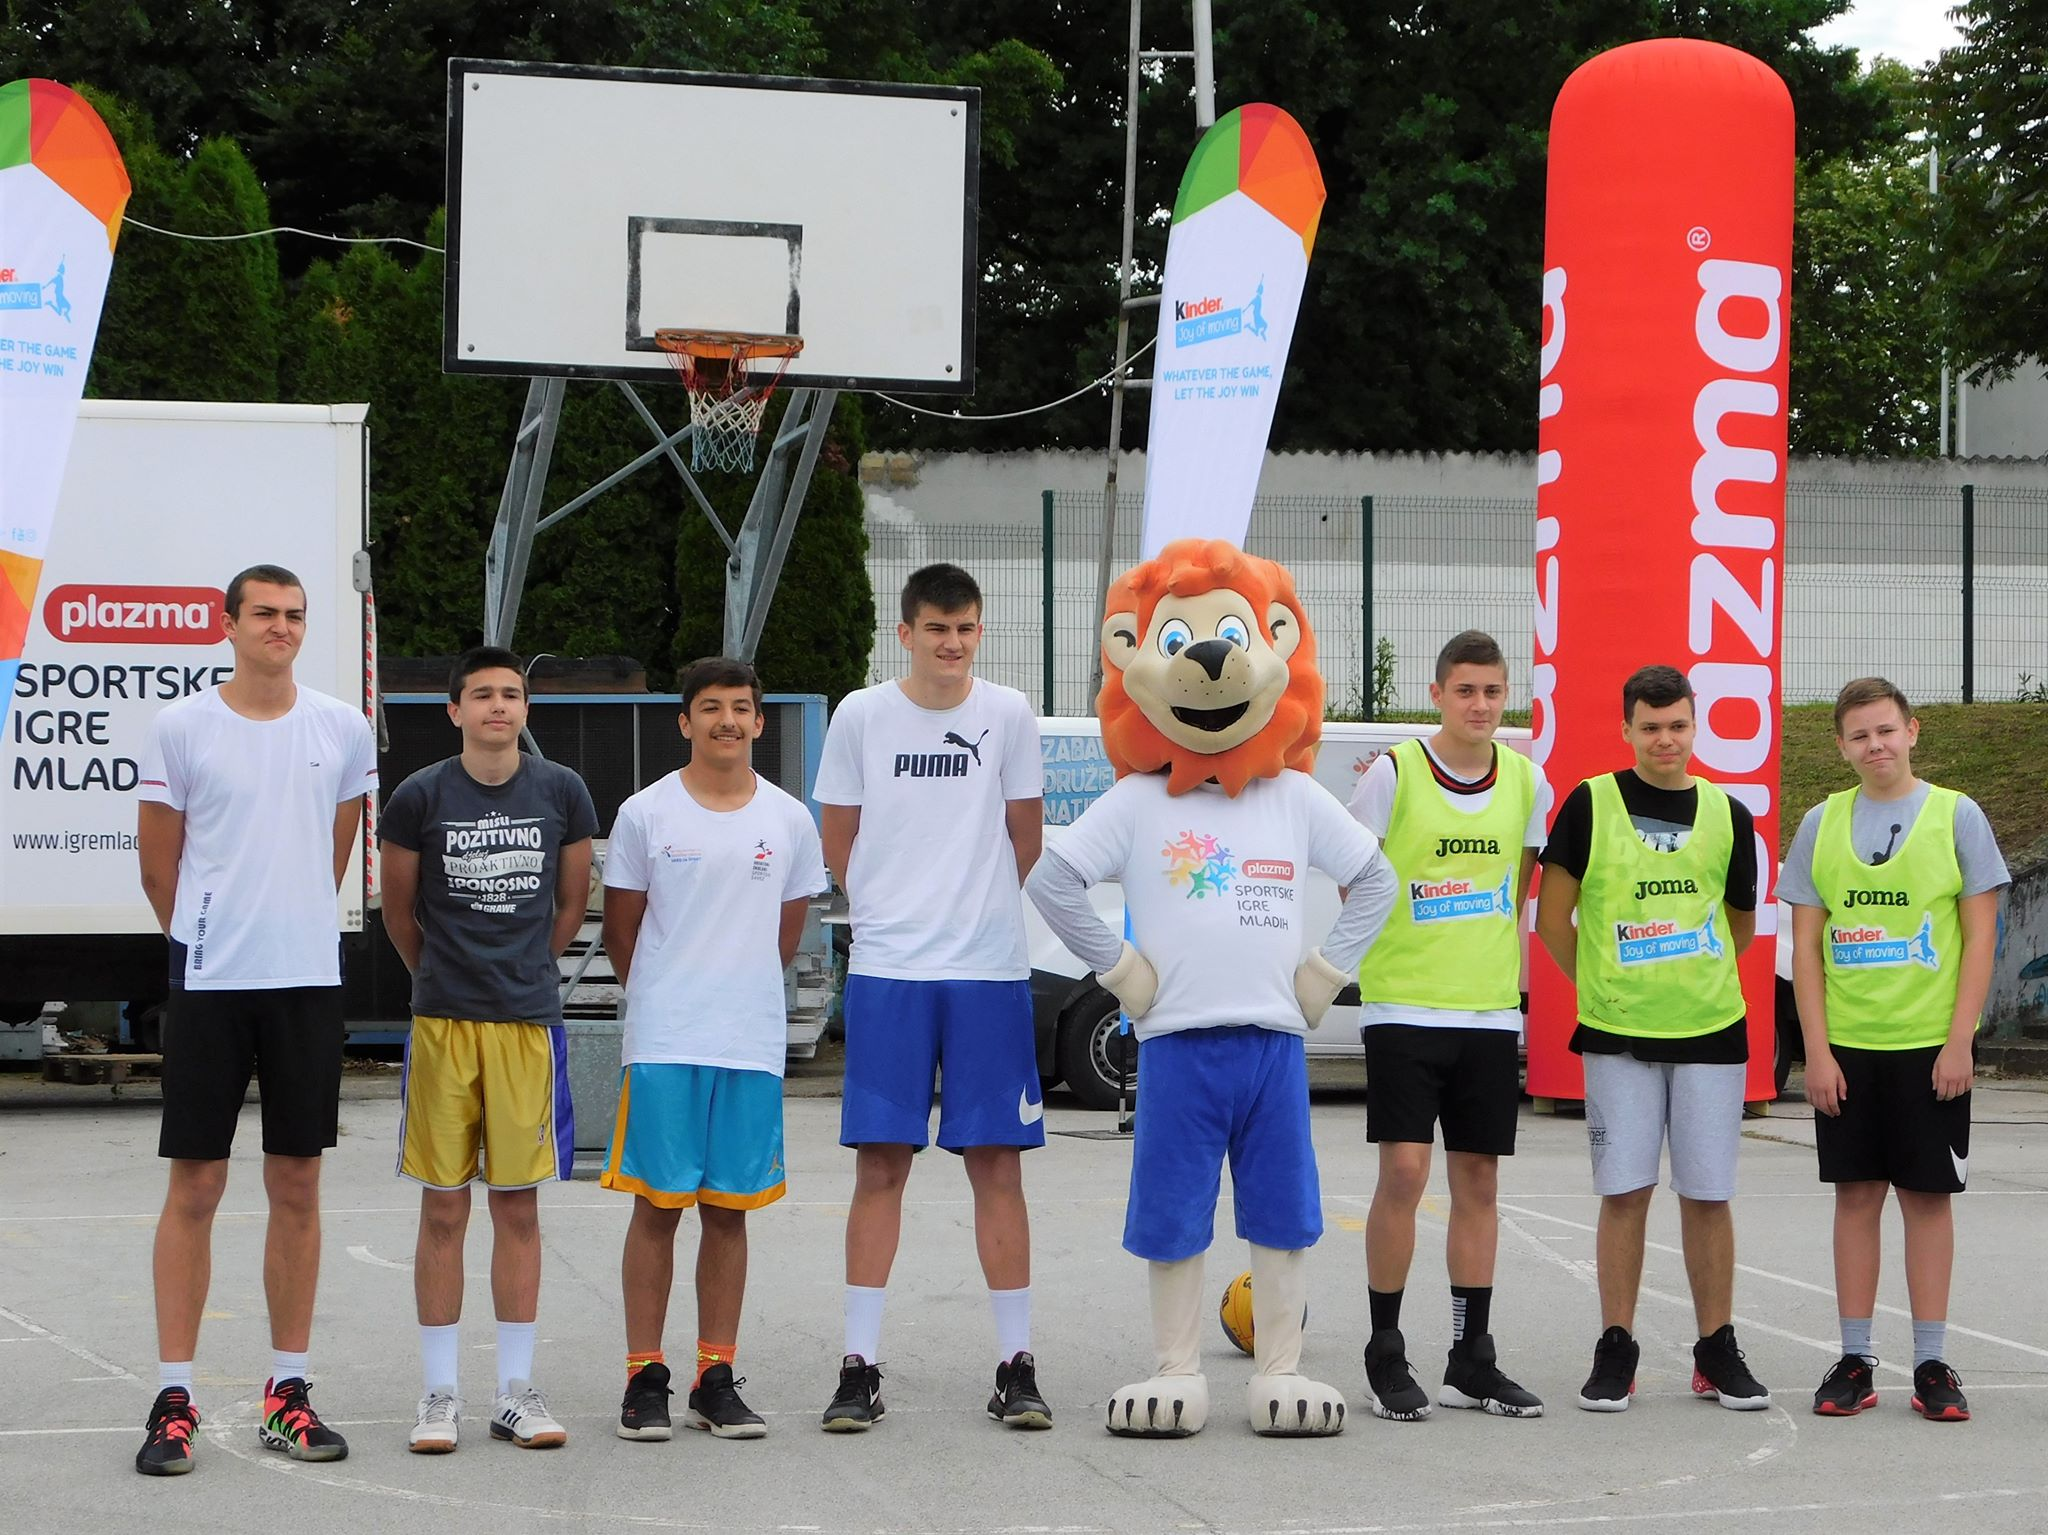 Danas na Klasijama stotinjak sportaša i sportašica natjecalo se na Plazma sportskim igrama mladih